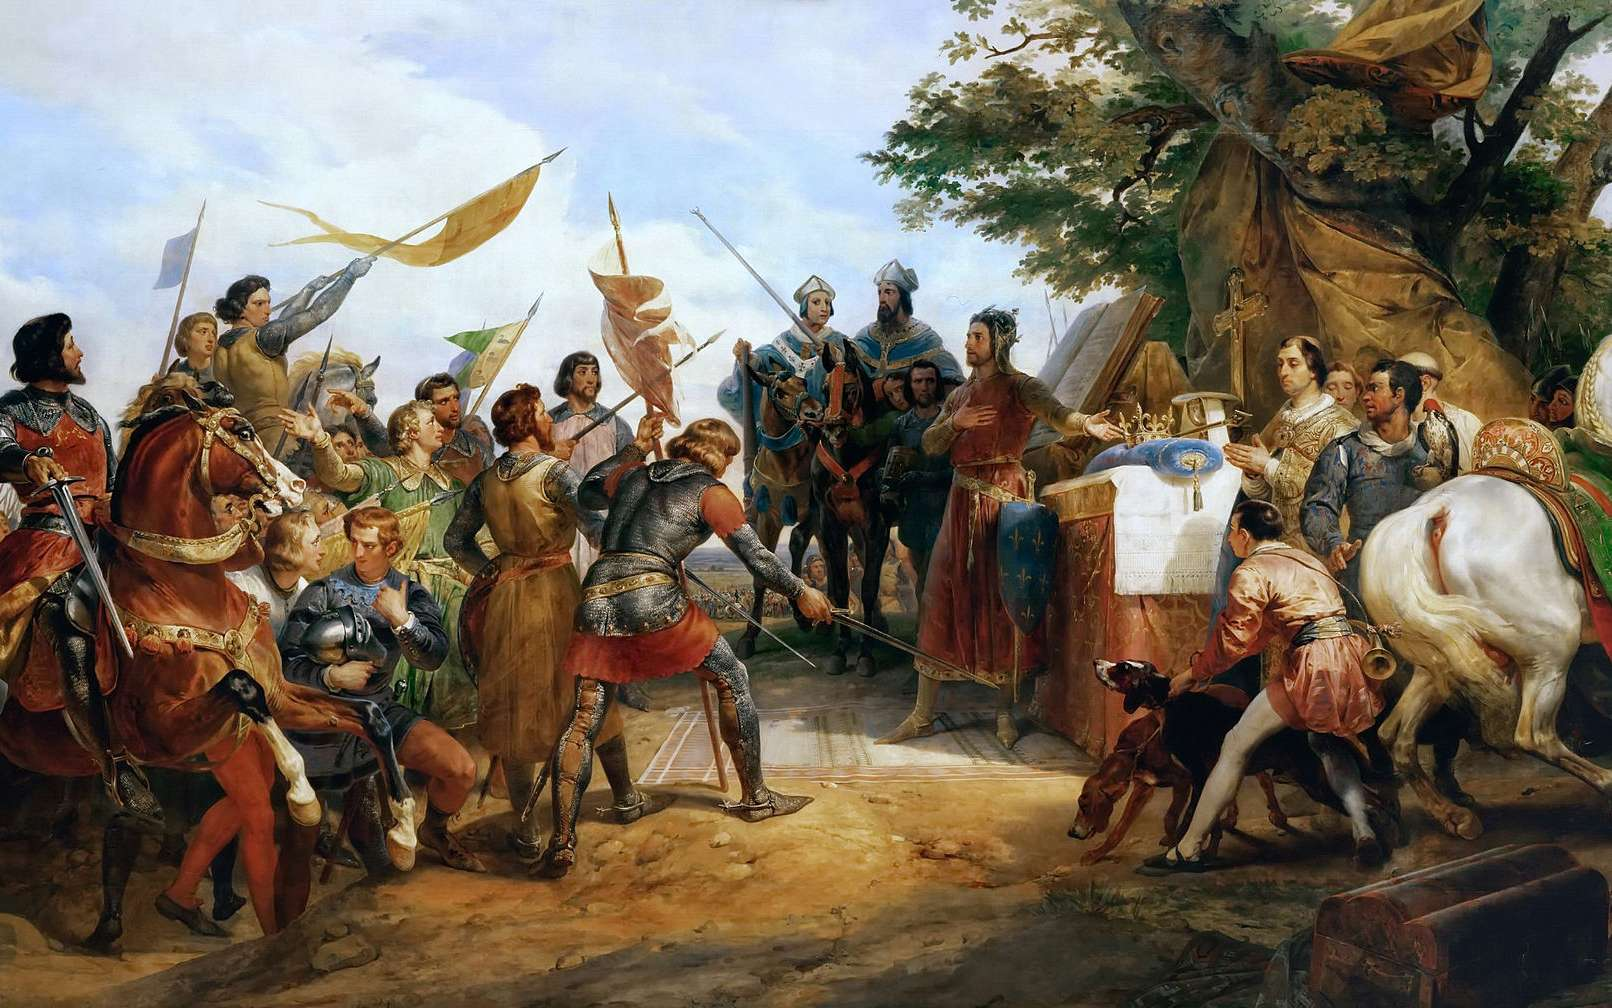 Des rois capétiens, Philippe Auguste est celui qui a le plus considérablement agrandi le royaume. Peinture de Horace Vernet (1789 - 1863). © PHGCOM, Wikimedia Commons, Domaine Public